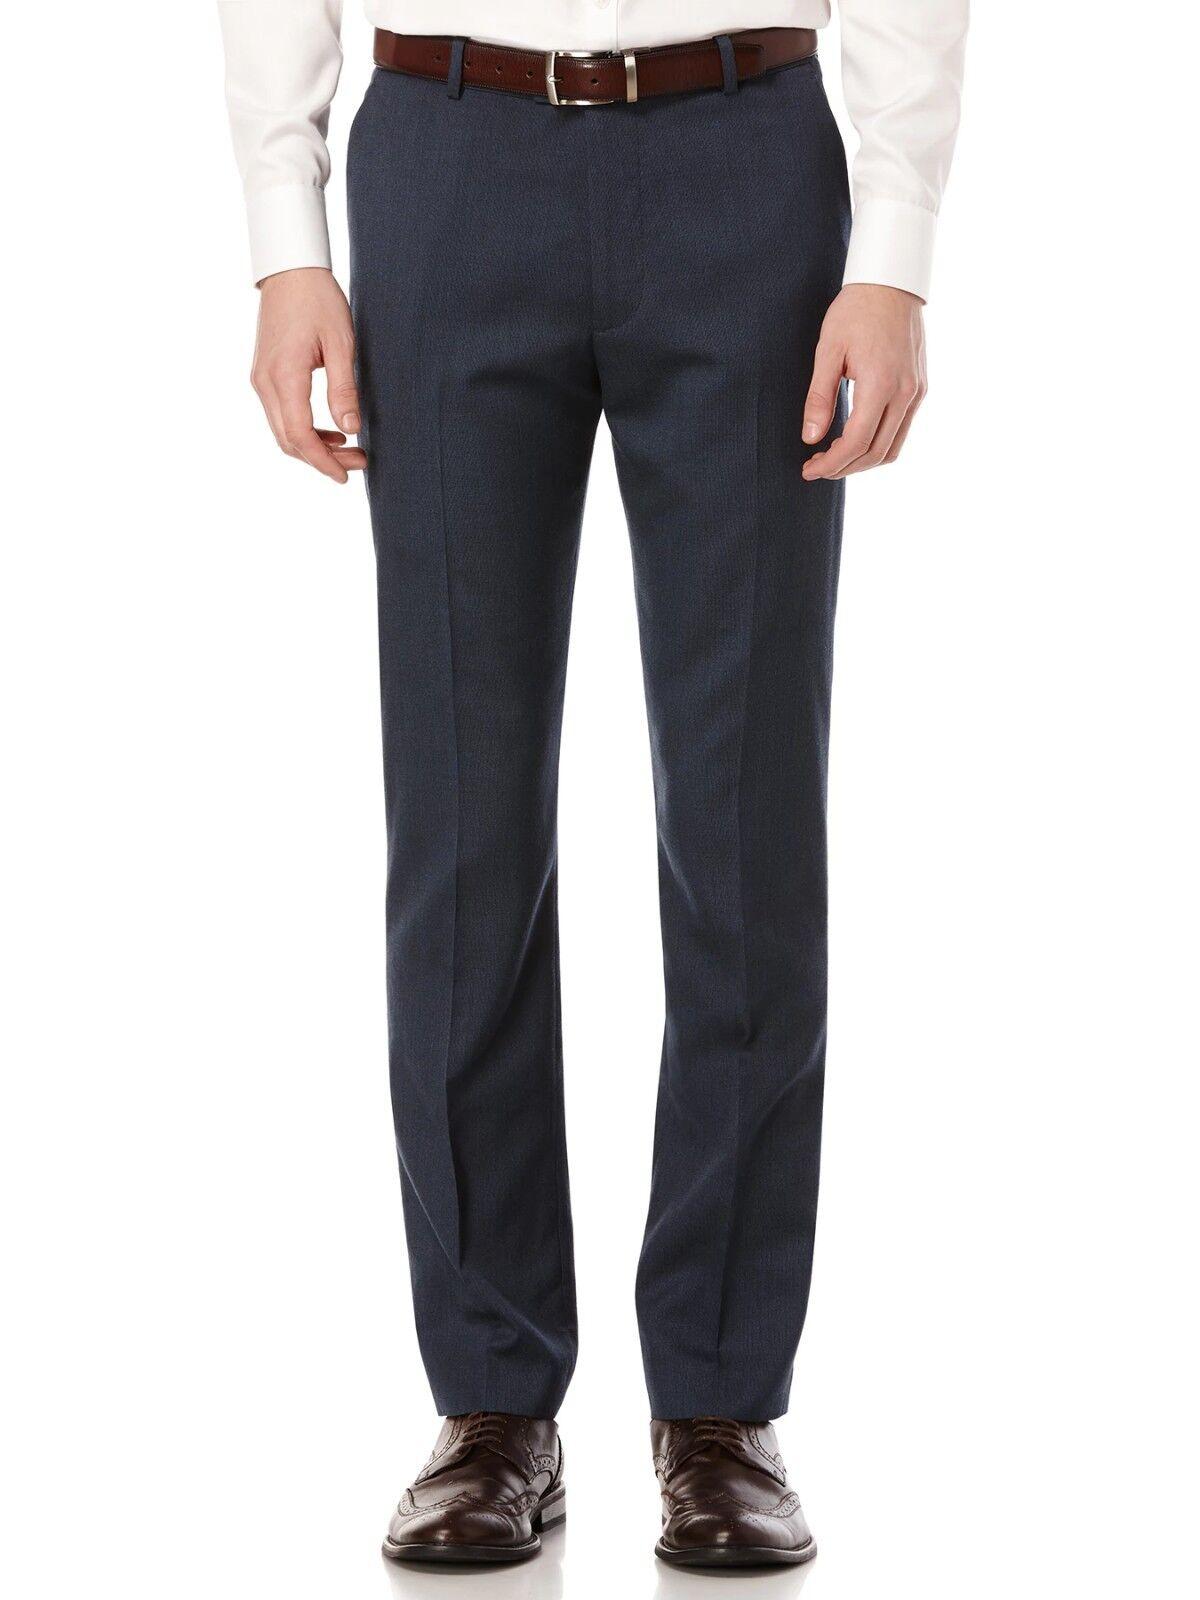 PERRY ELLIS PORTFOLIO men blueE FLAT FRONT FIT SUIT DRESS PANTS 30 W 29 L